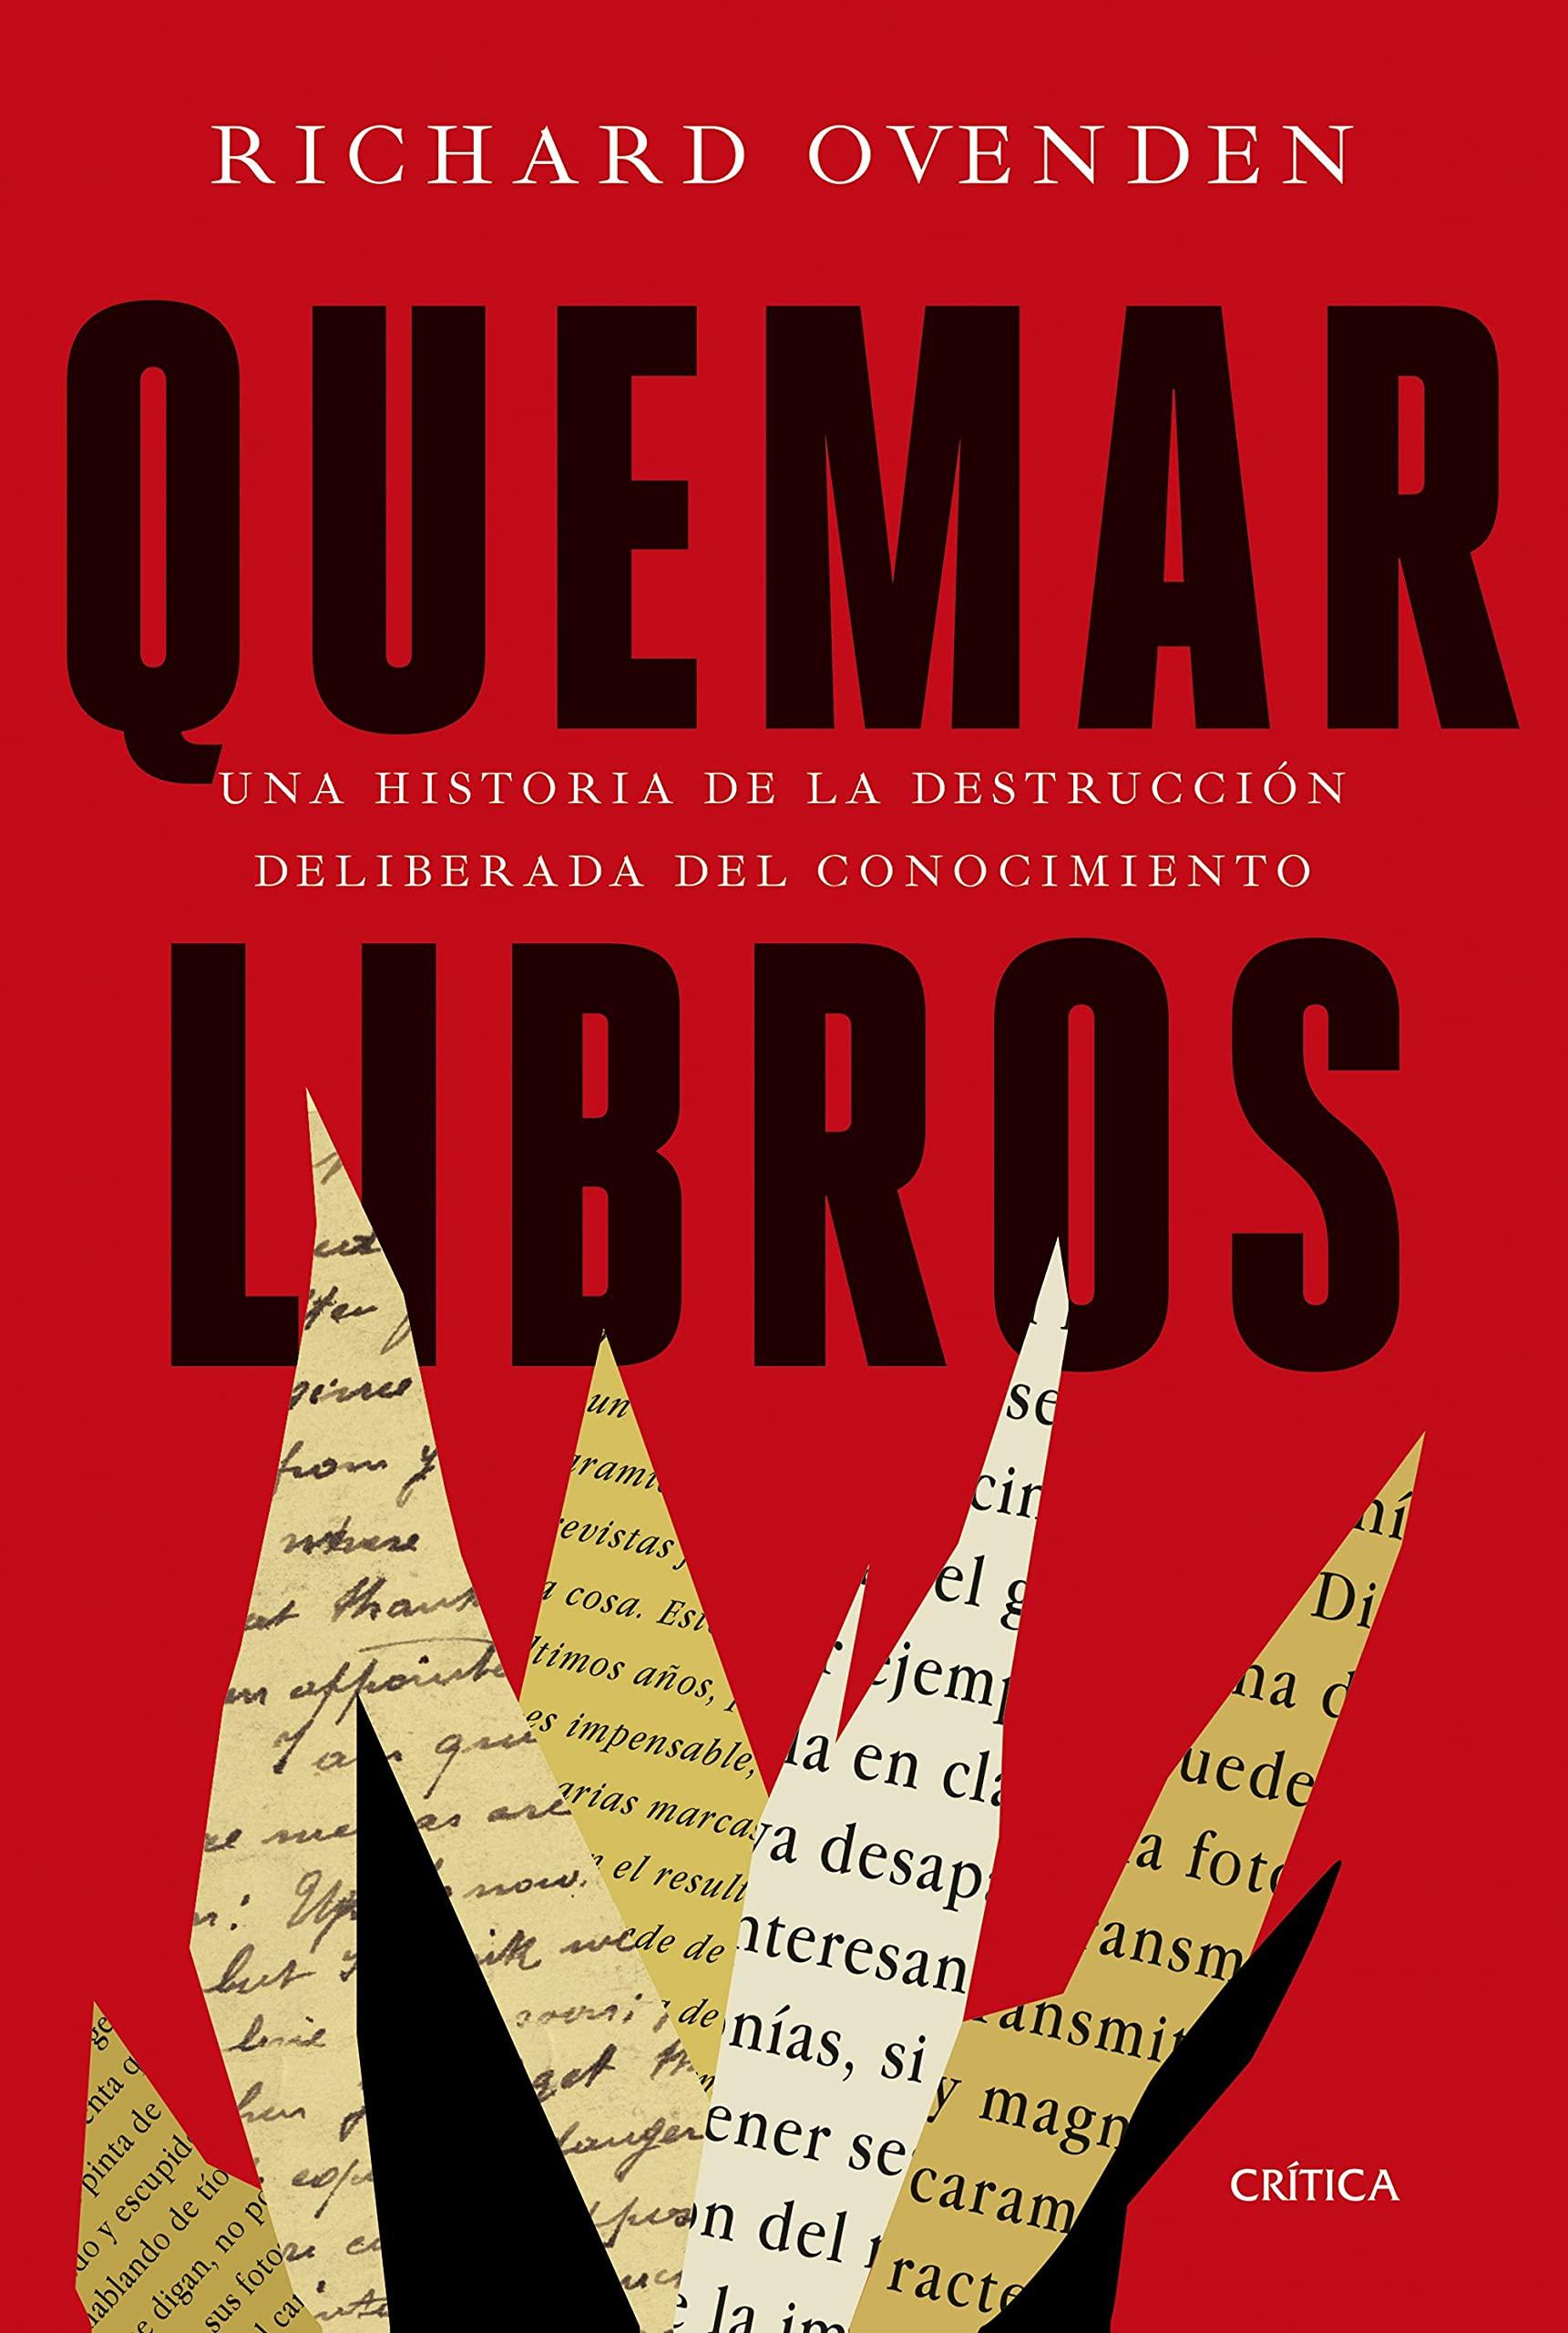 Quemar libros. Una historia de la destrucción deliberada del conocimiento, de Richard Ovenden - Libros sobre bibliotecas